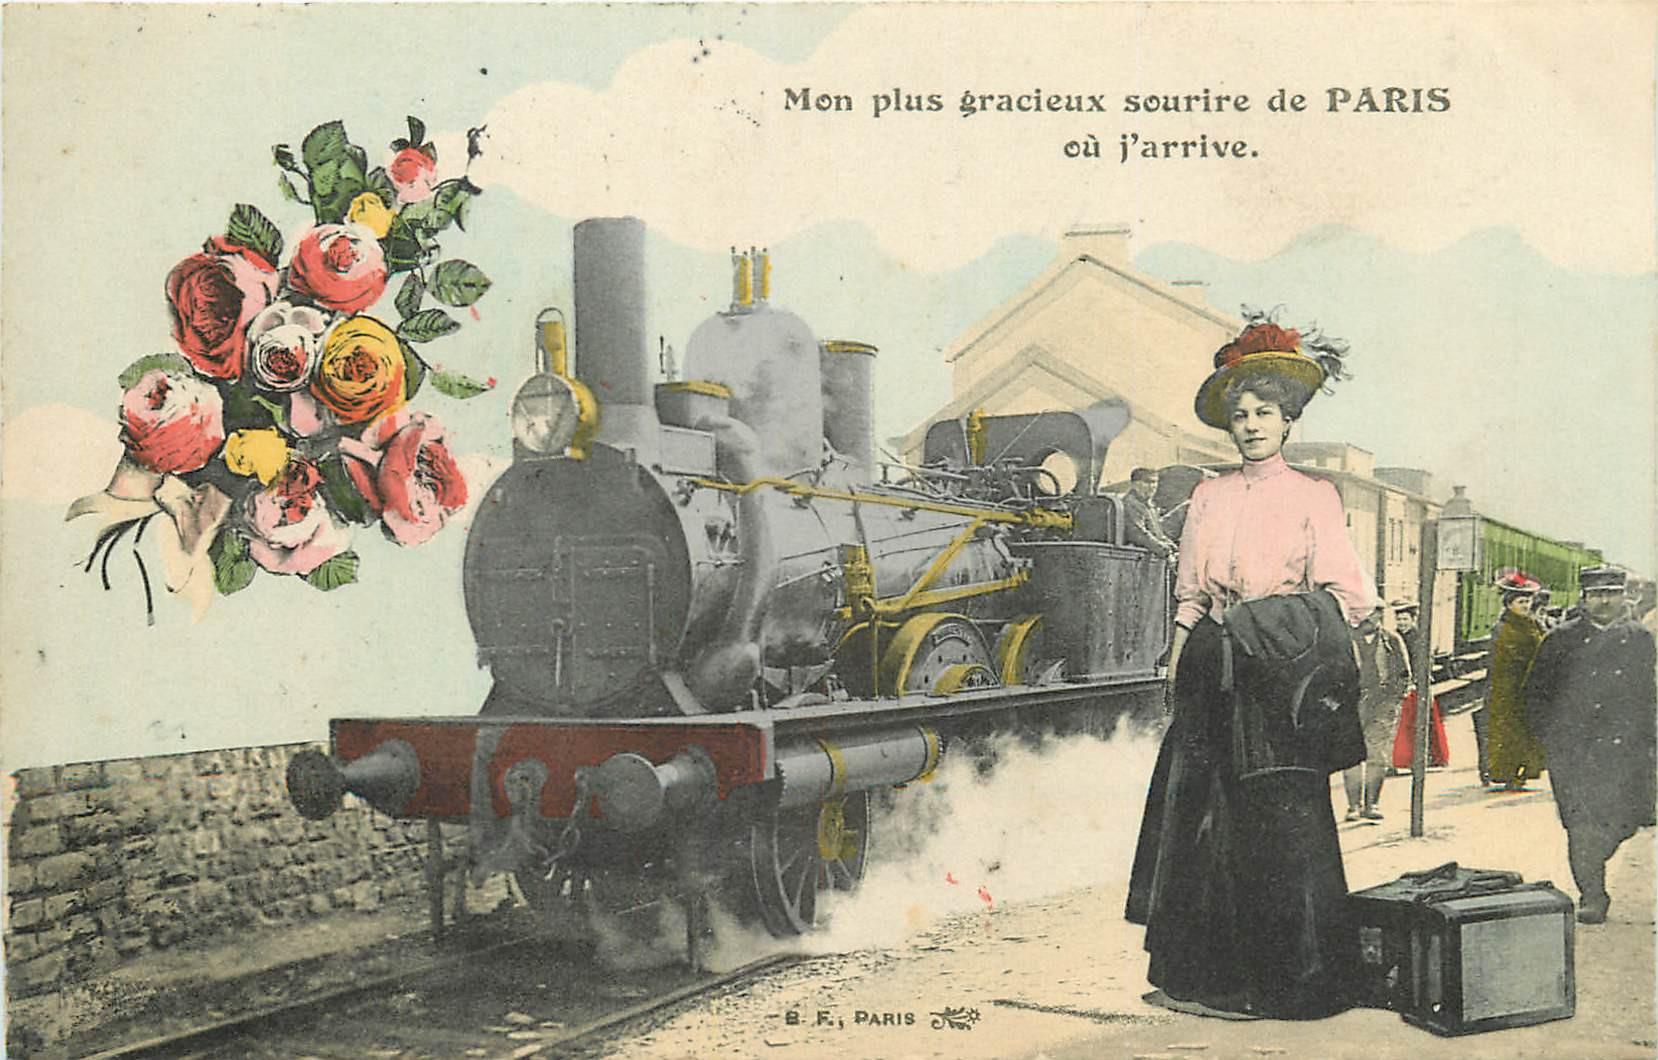 WW PARIS. Un sourire avec Train et locomotive à vapeur 1911